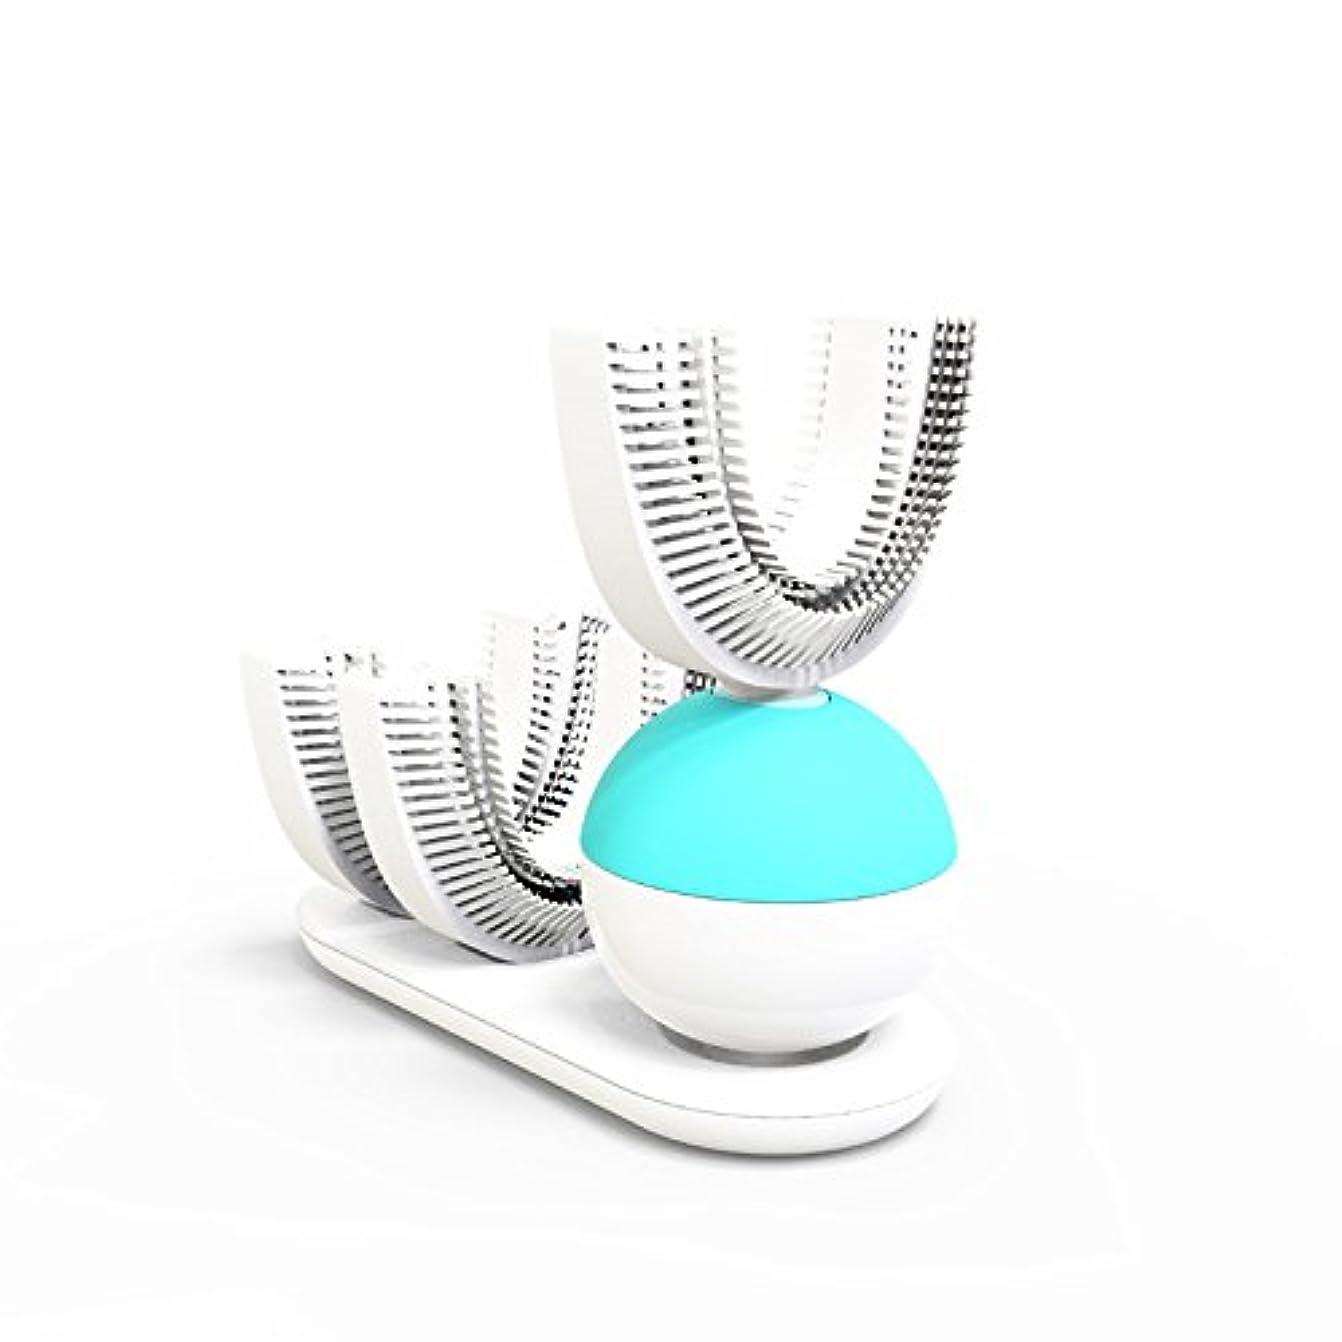 追い払う自由スラム街怠け者牙刷-電動 U型 超音波 専門370°全方位 自動歯ブラシ ワイヤレス充電 成人 怠け者 ユニークなU字型のマウスピース わずか10秒で歯磨き 自動バブル 2本の歯ブラシヘッド付き あなたの手を解放 磁気吸引接続...